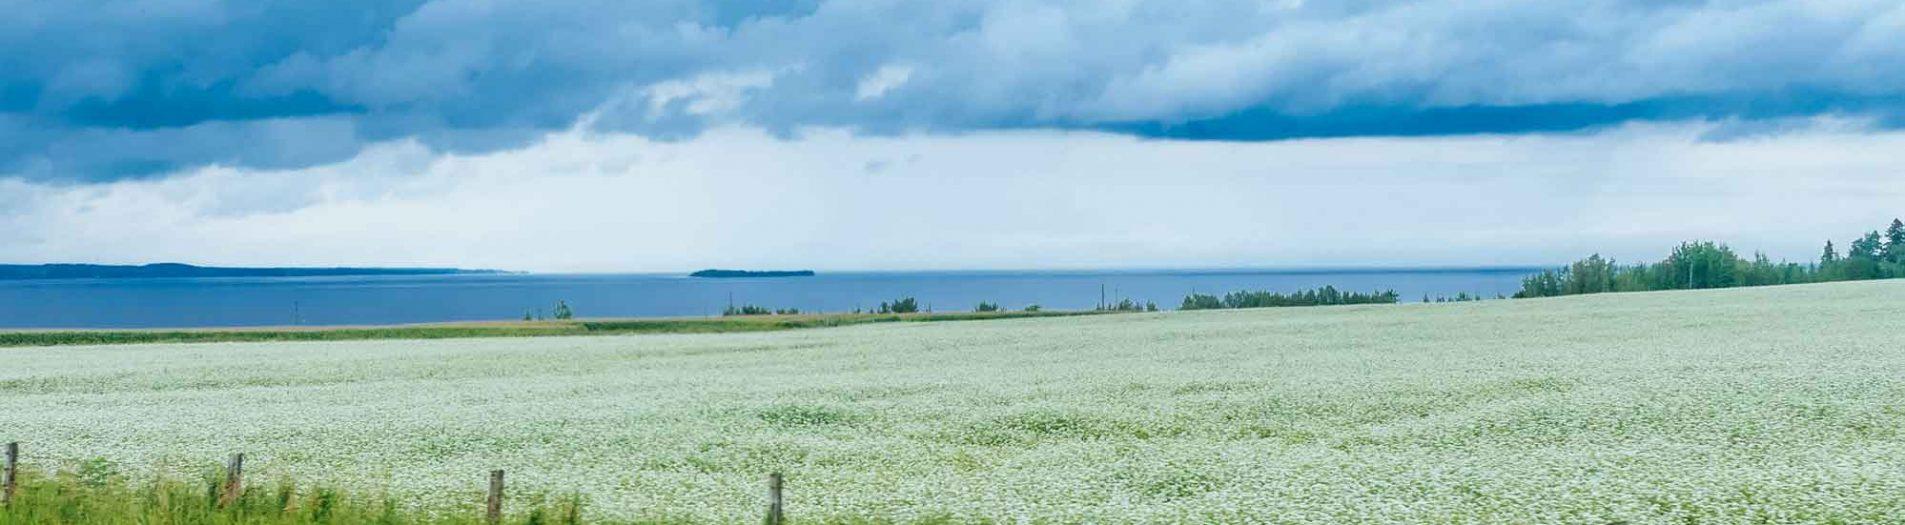 Québec - Sur la route entre la Mauricie et le Lac Saint-Jean